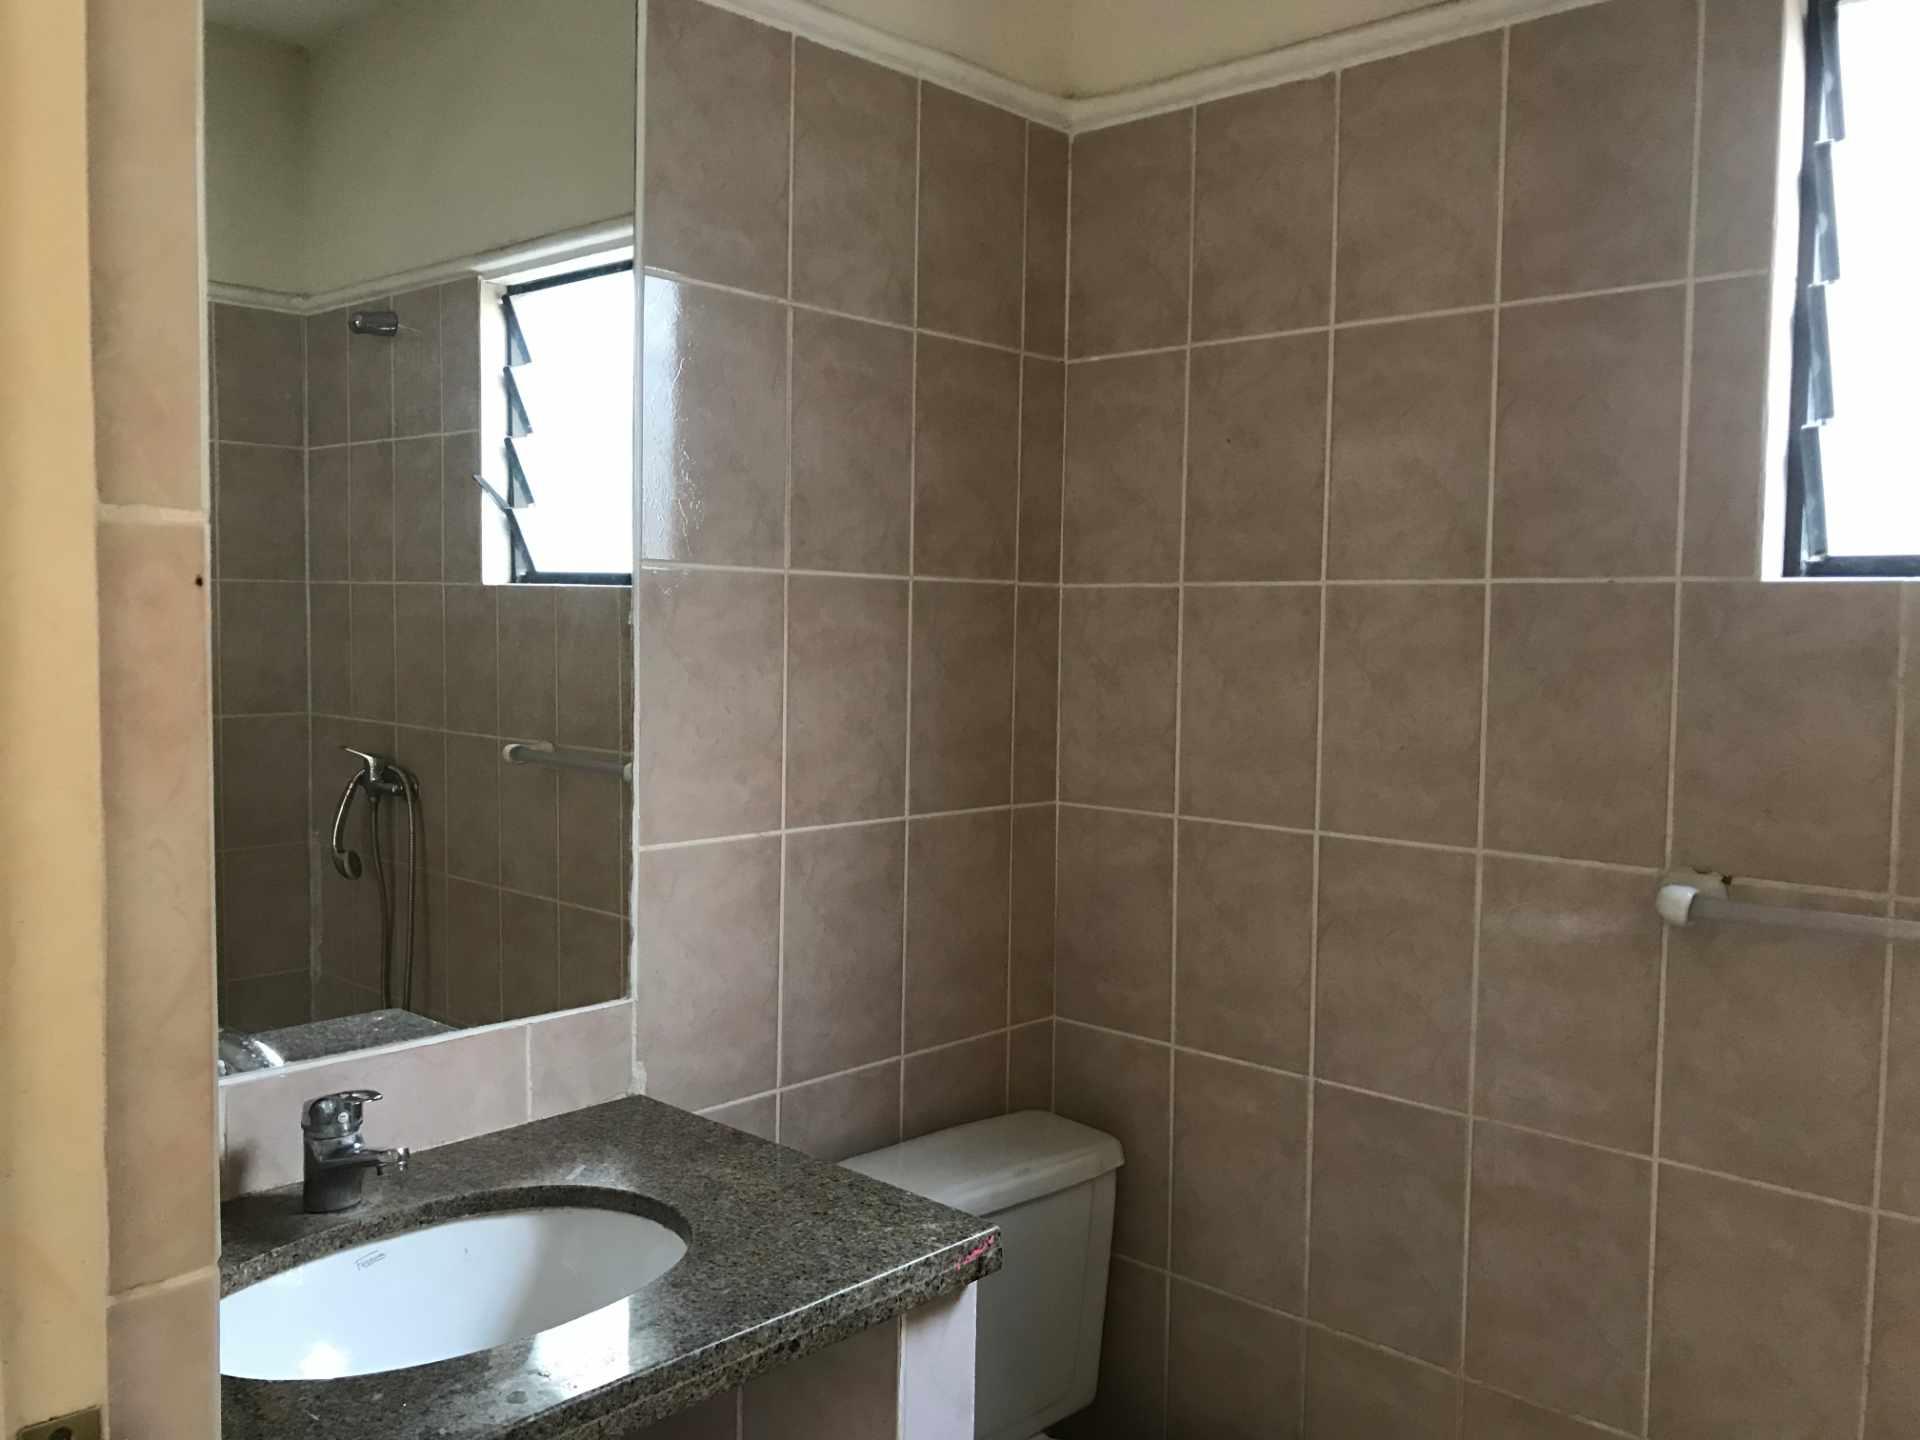 Casa en Venta AV. BANZER 8vo ANILLO, ZONA EL REMANSO III Foto 8